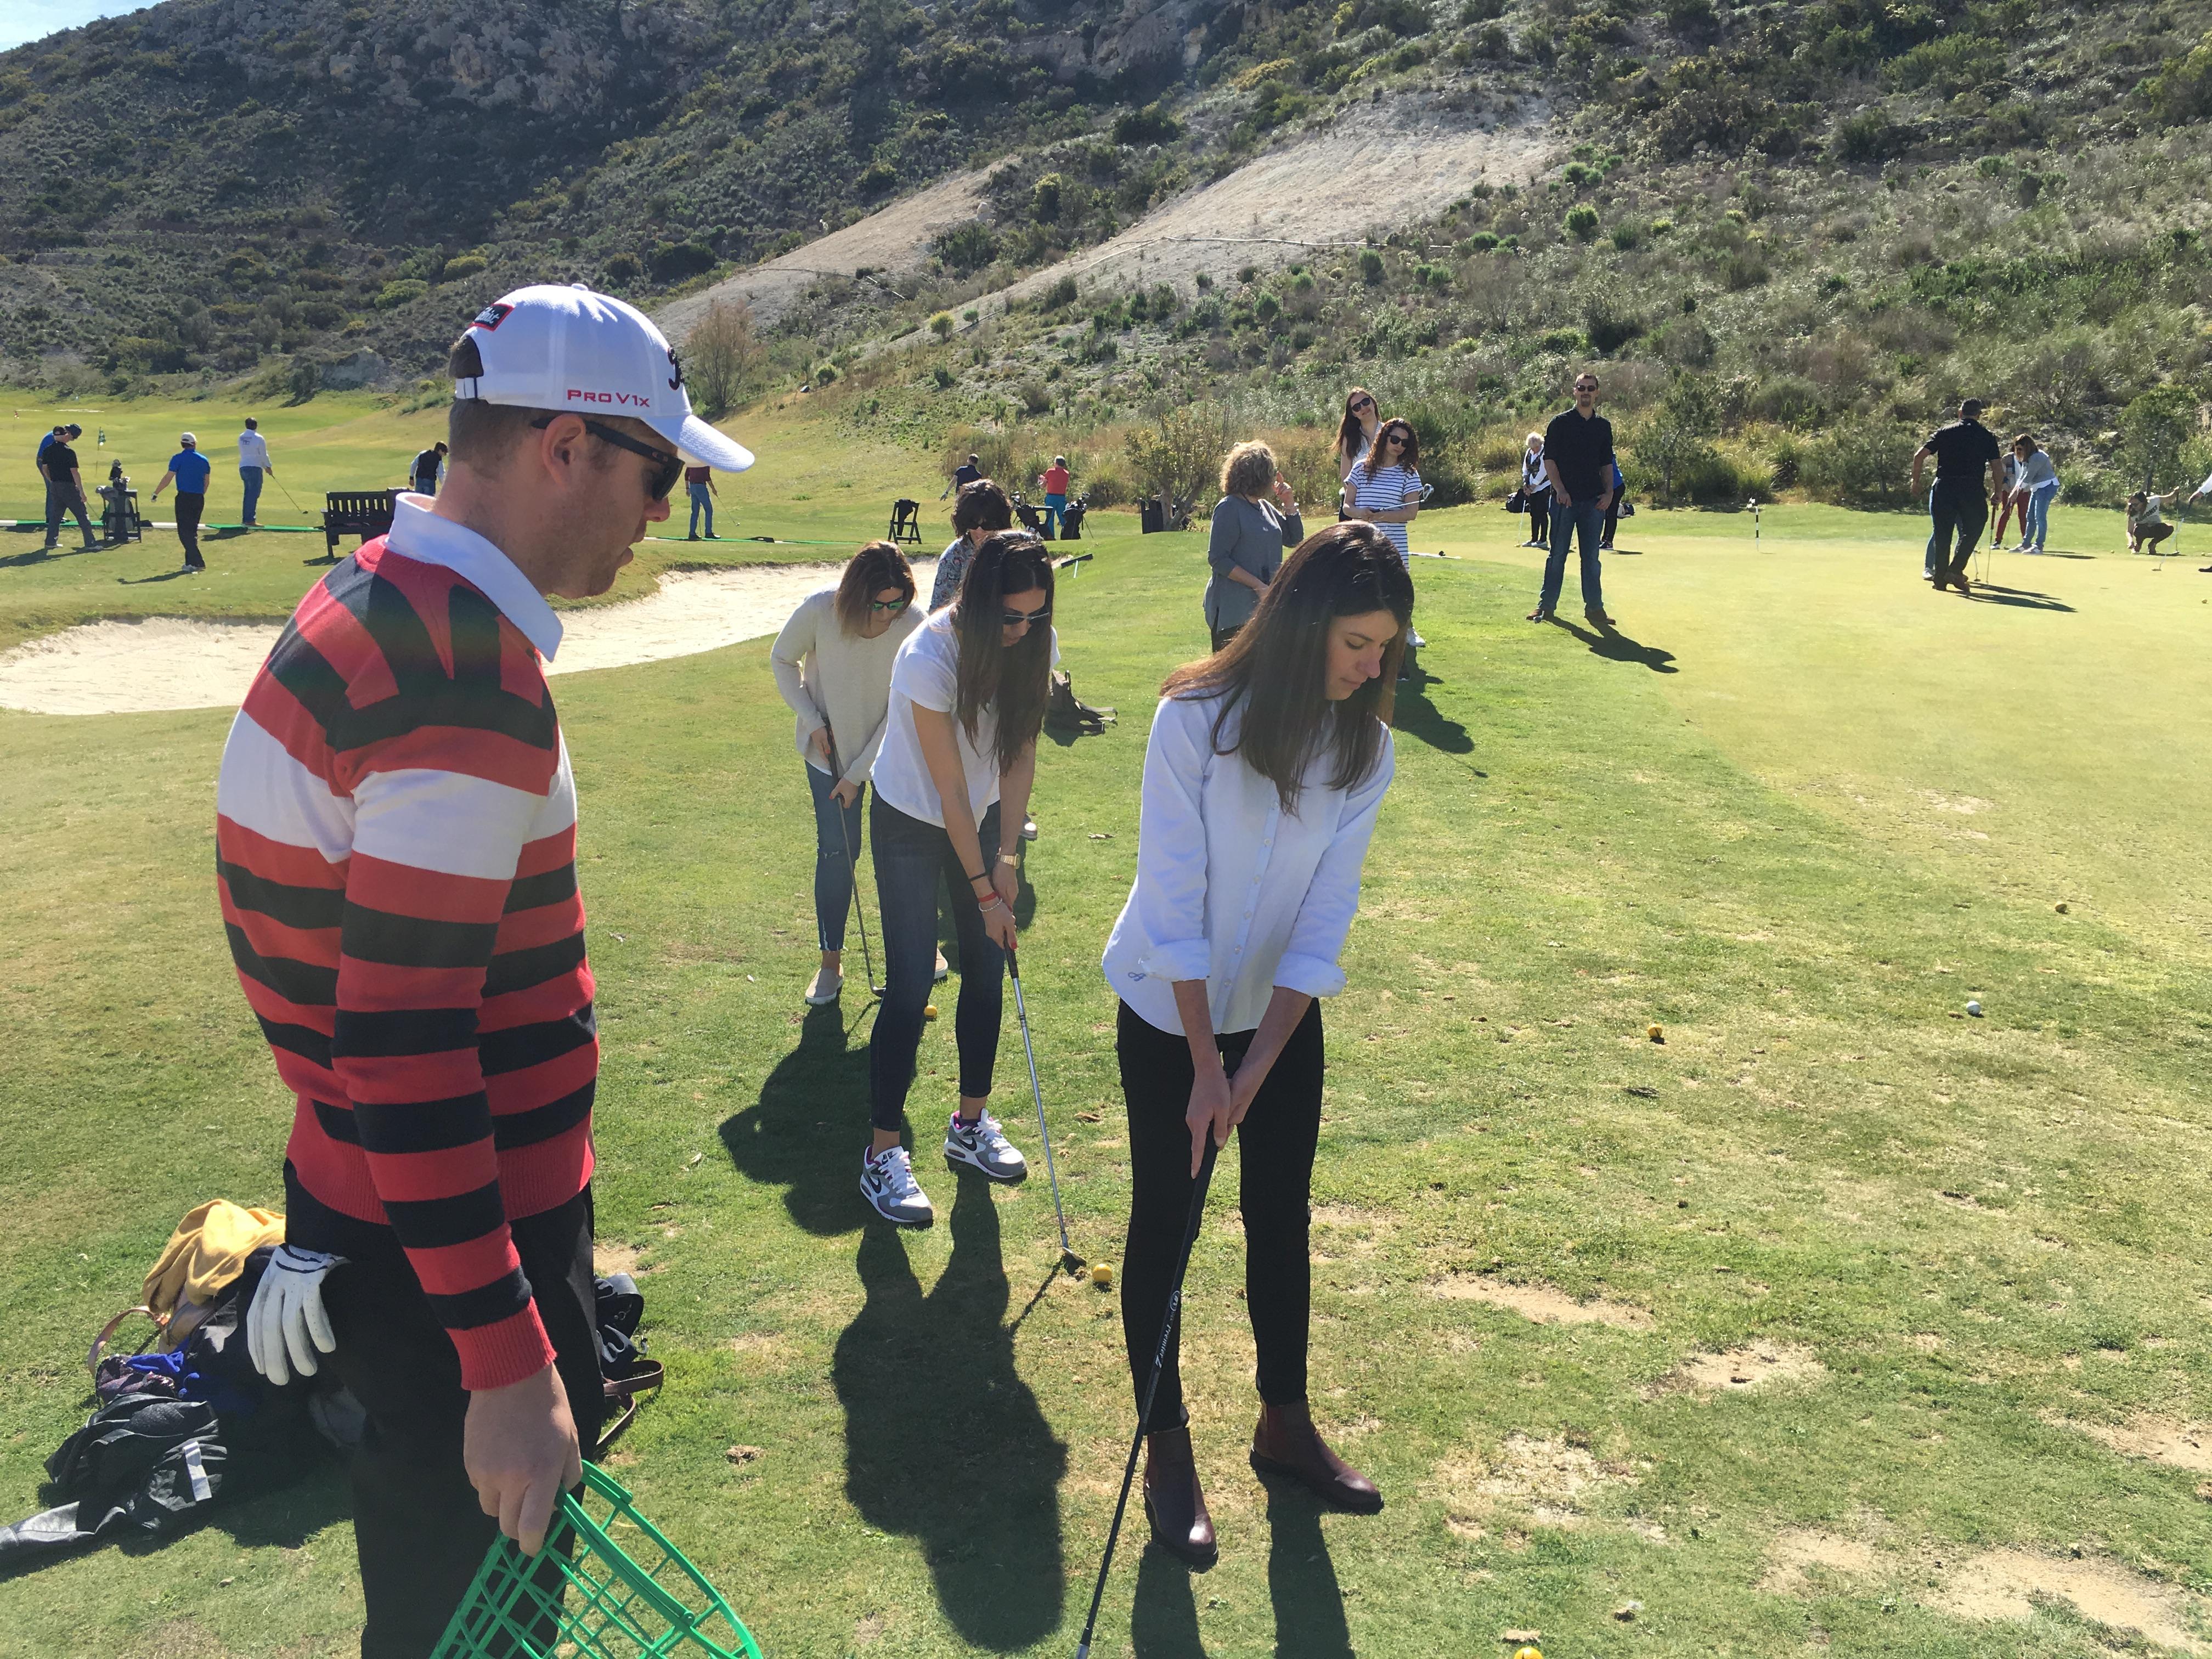 Bautismo de golf alumnos Máster en Dirección de Hoteles Máster en Dirección de Hoteles